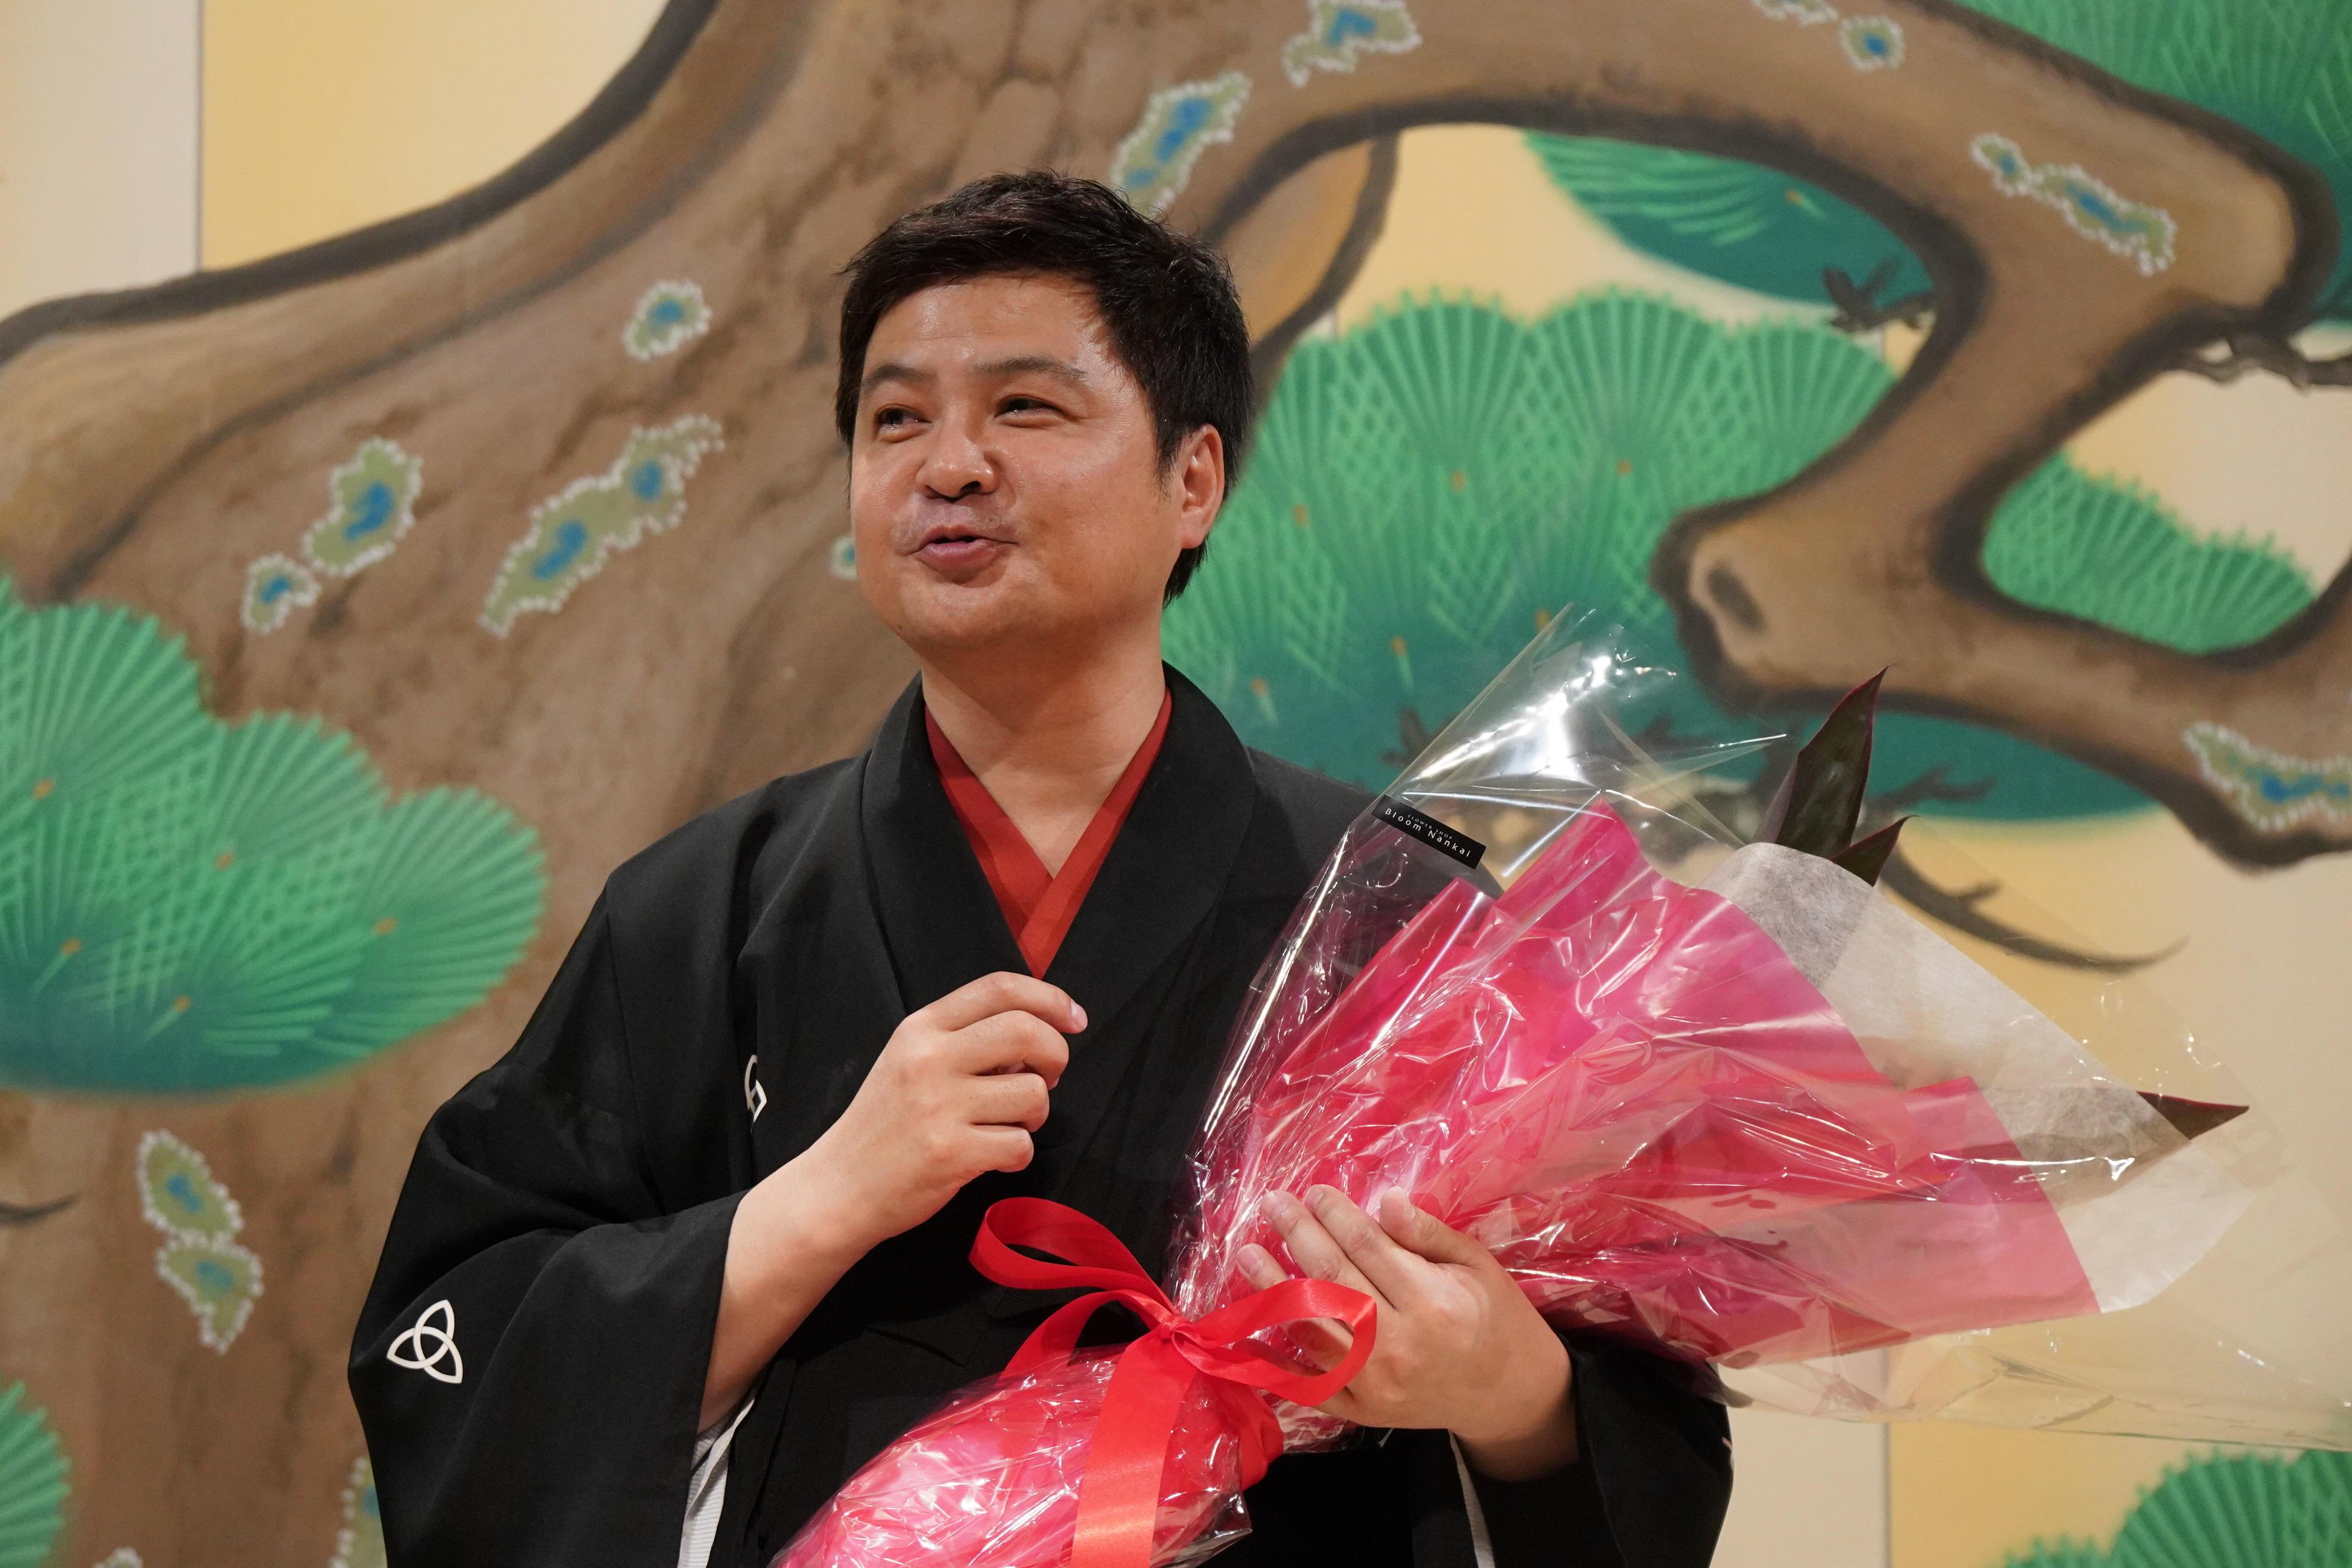 http://news.yoshimoto.co.jp/20180512205434-b9a253ba7d226851b826bc857a00345d9c9a4157.jpg